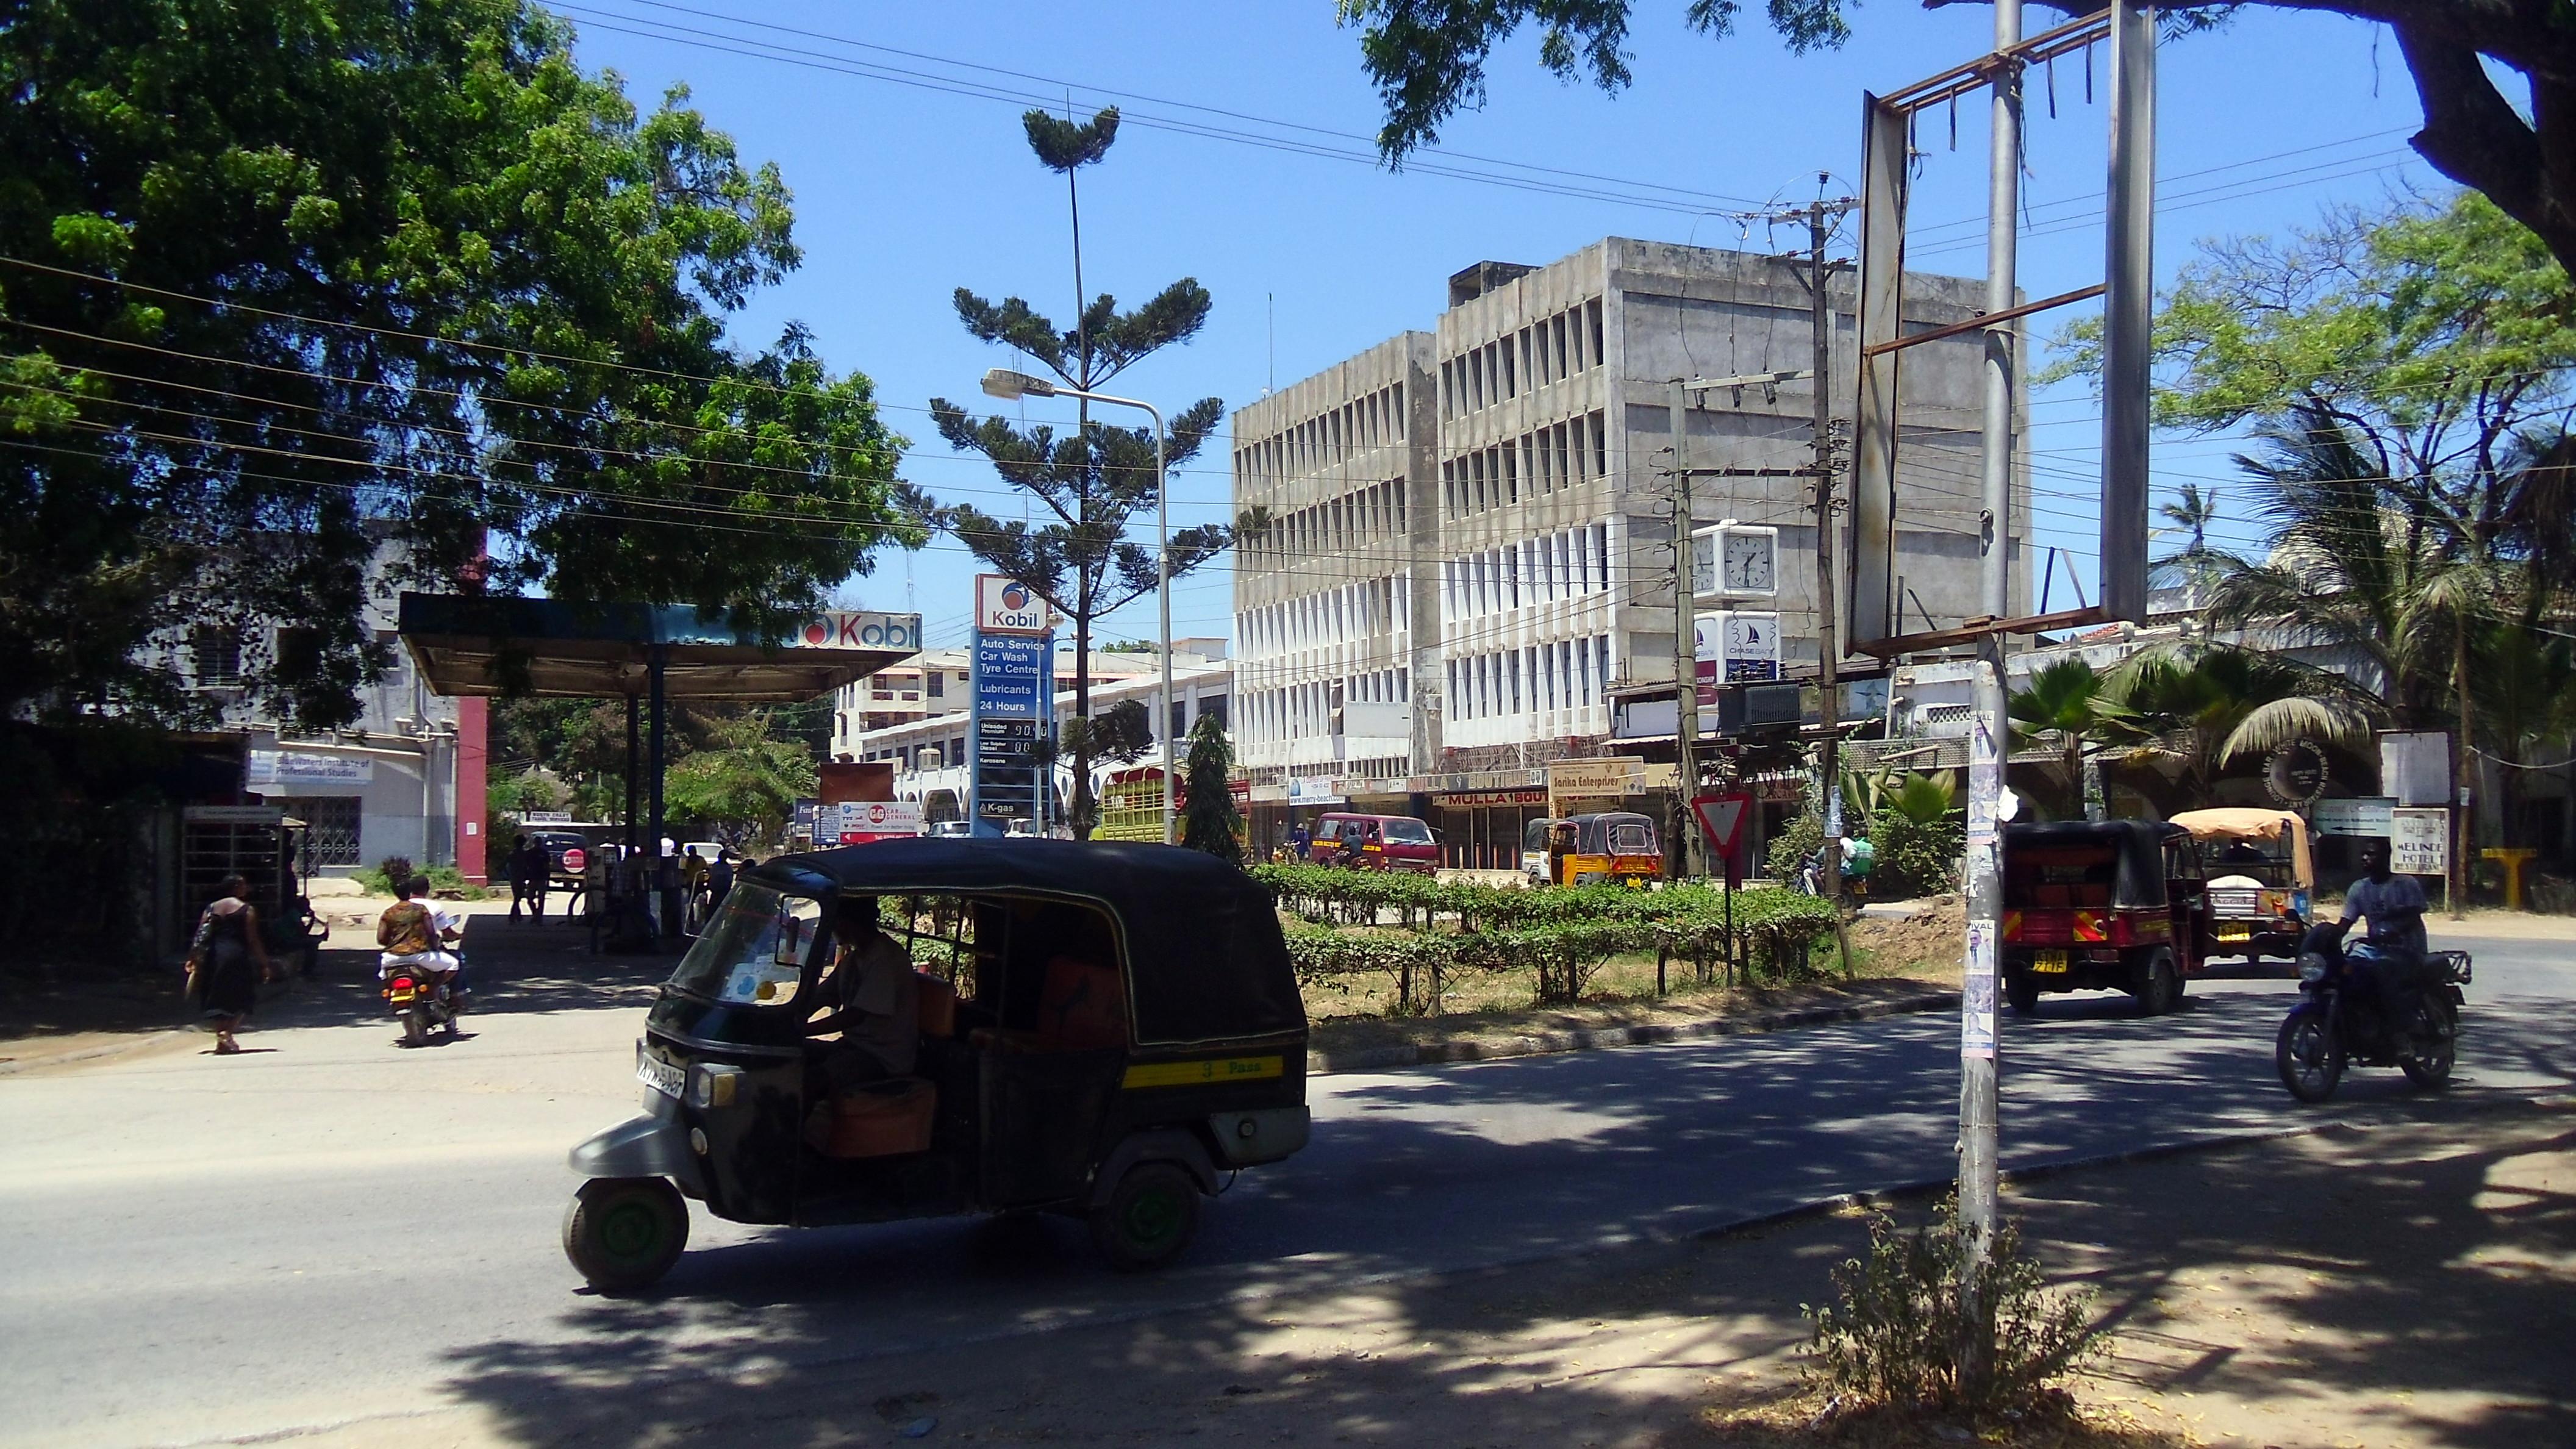 Malindi Kenya  City pictures : History Malindi | Kenya Holidays